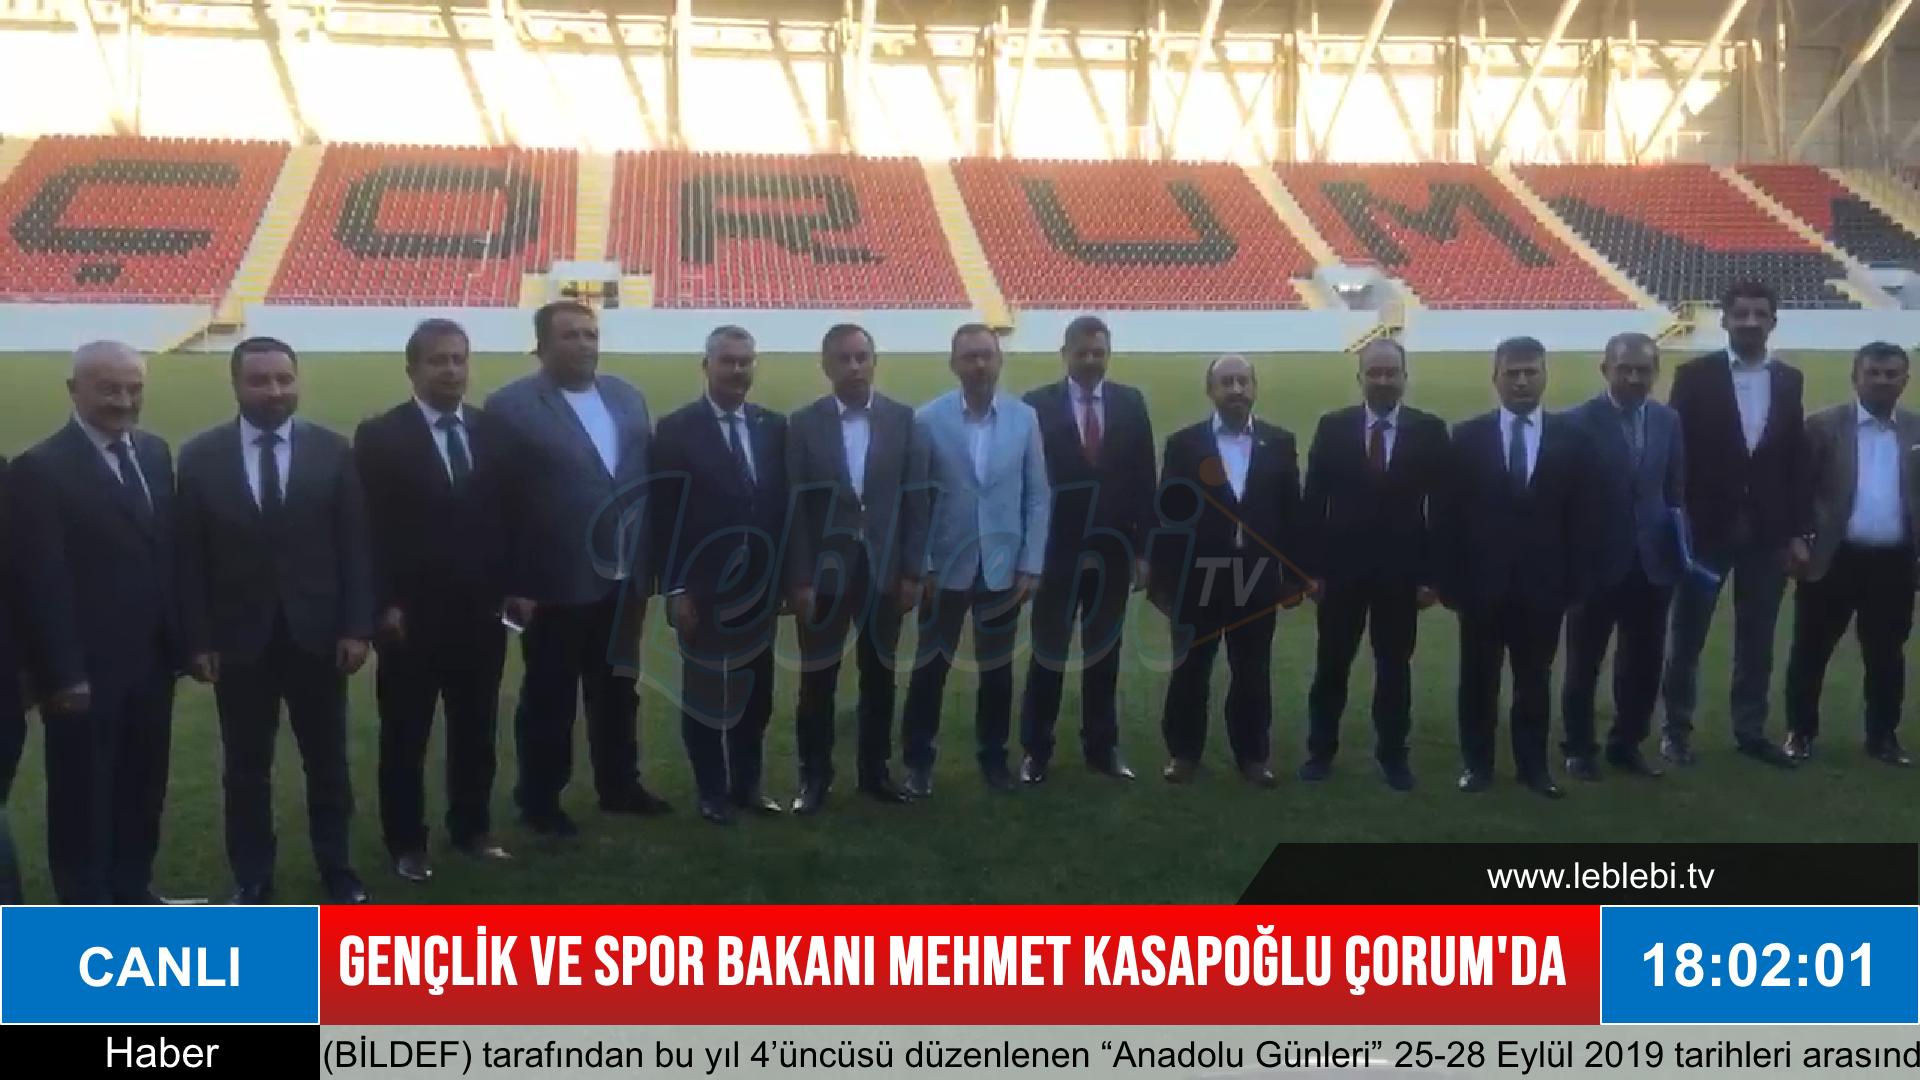 Bakanlık Yeni Stadı Teslim Alıyor